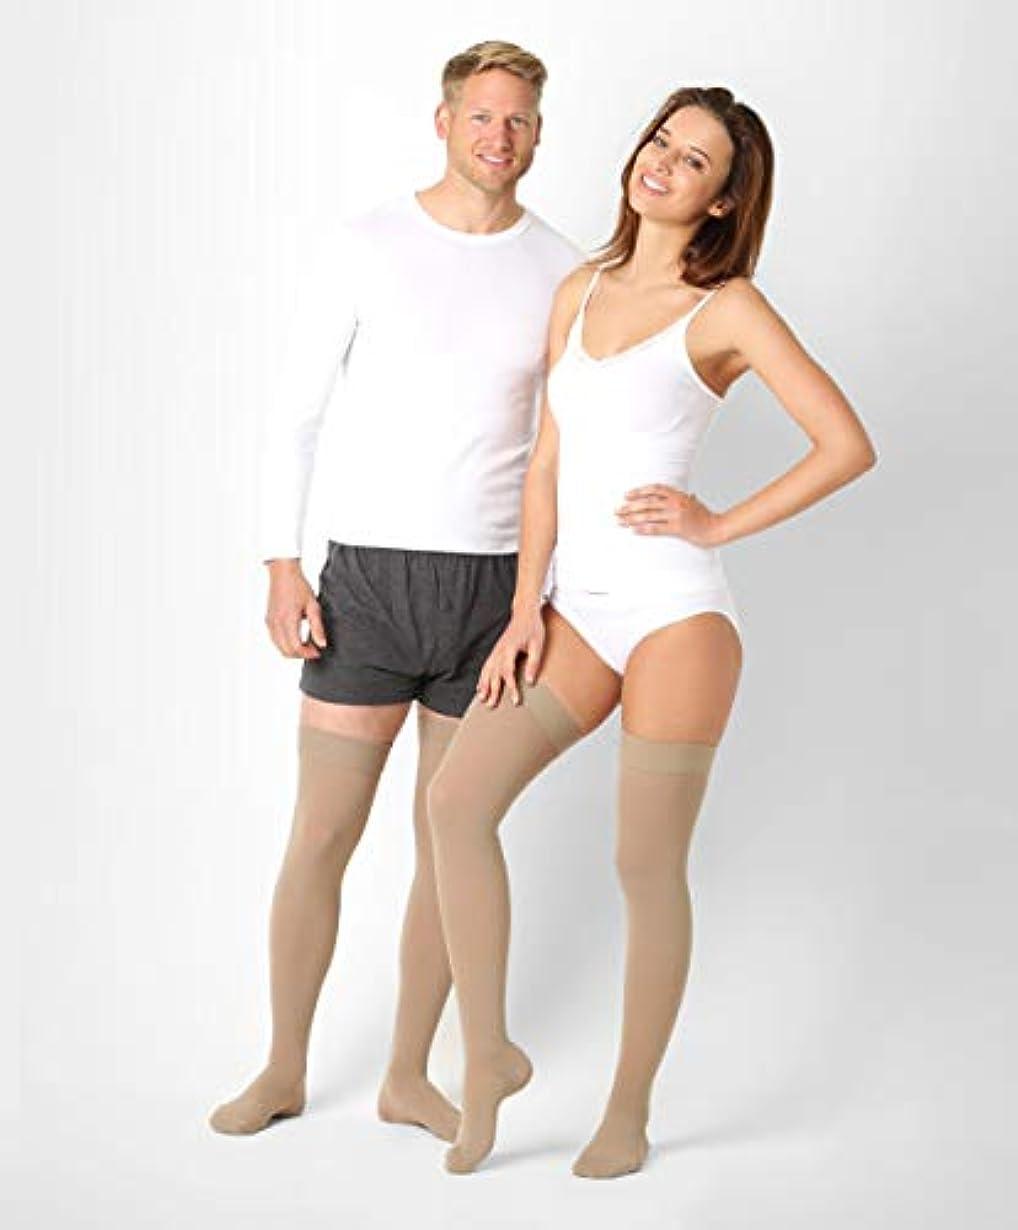 アーチフェローシップクリーナーBeFit24 医療用着圧ストッキング クラス 1 (18-21 mmHg) 男性?女性用 ーあらゆるラ イフスタイルのニーズに対応ー ヨーロッパ製 Medium Beige